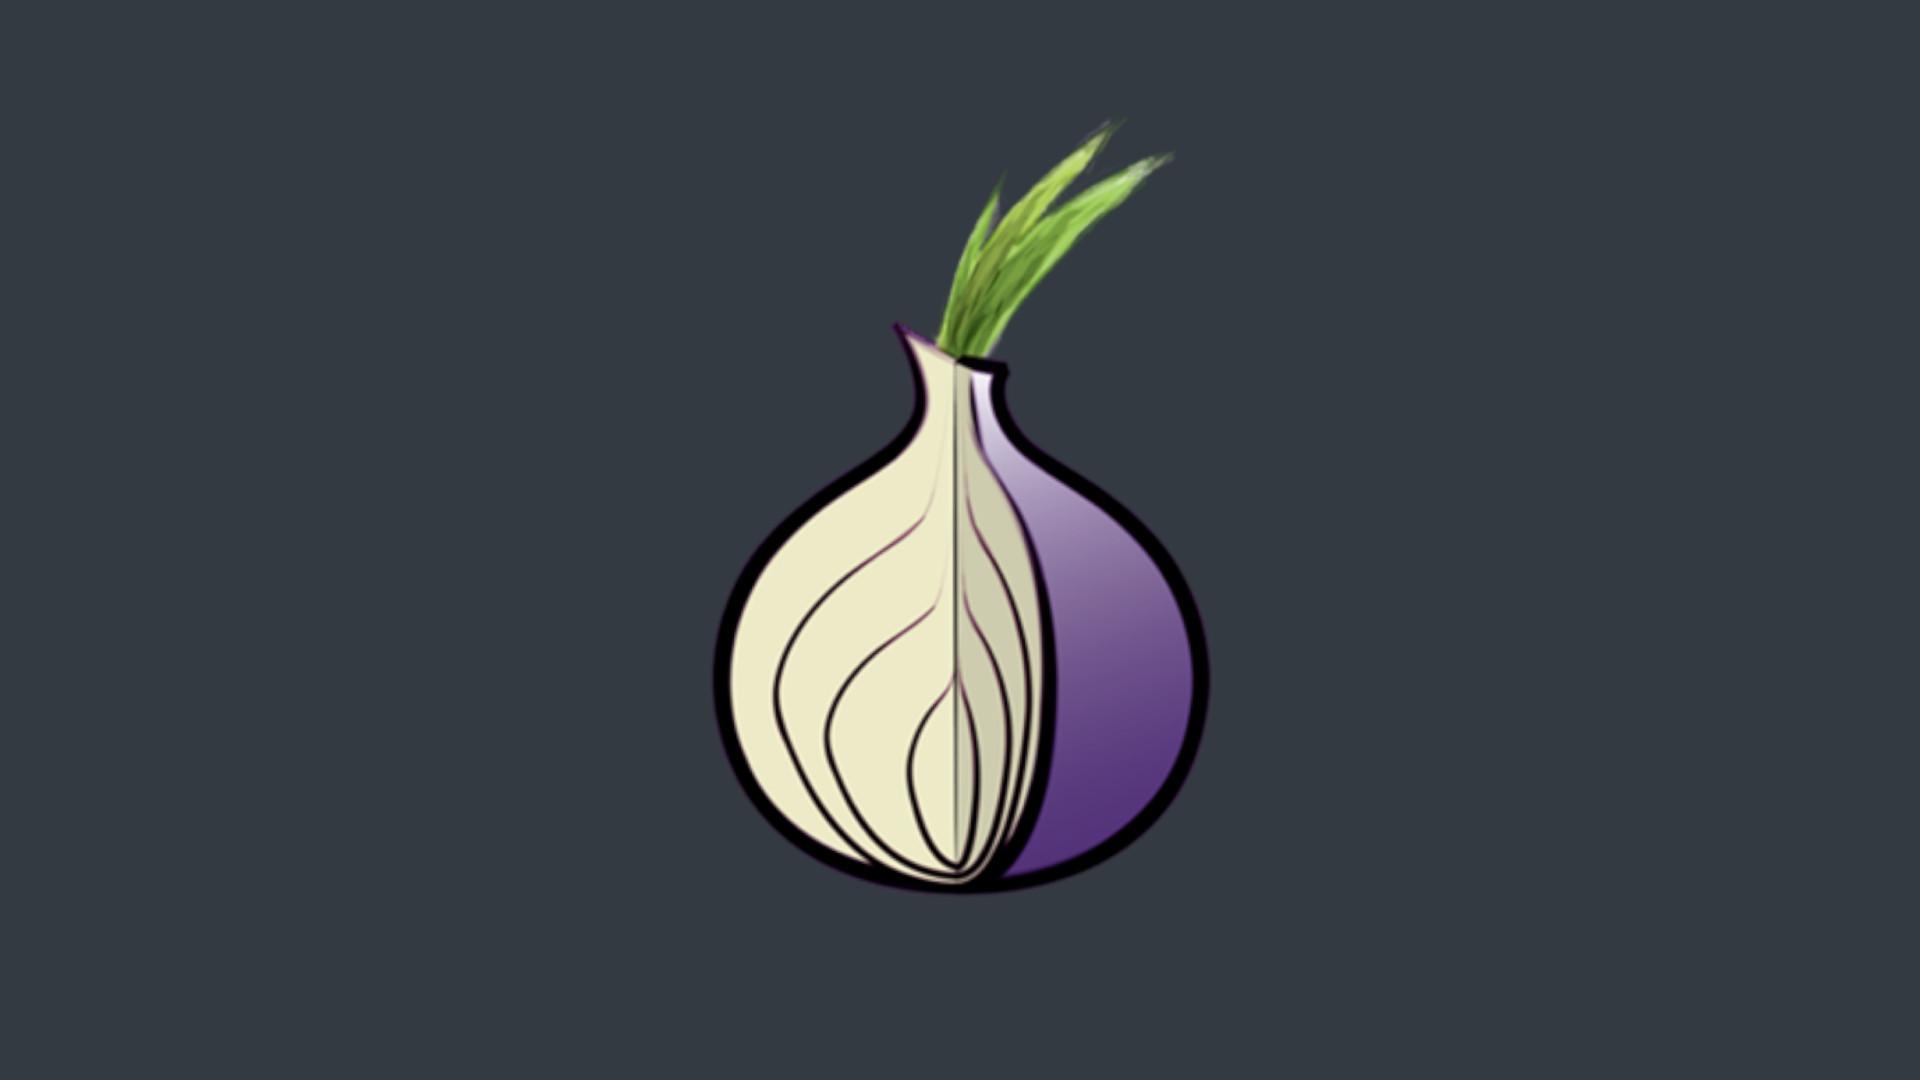 tor browser с луковицей гидра